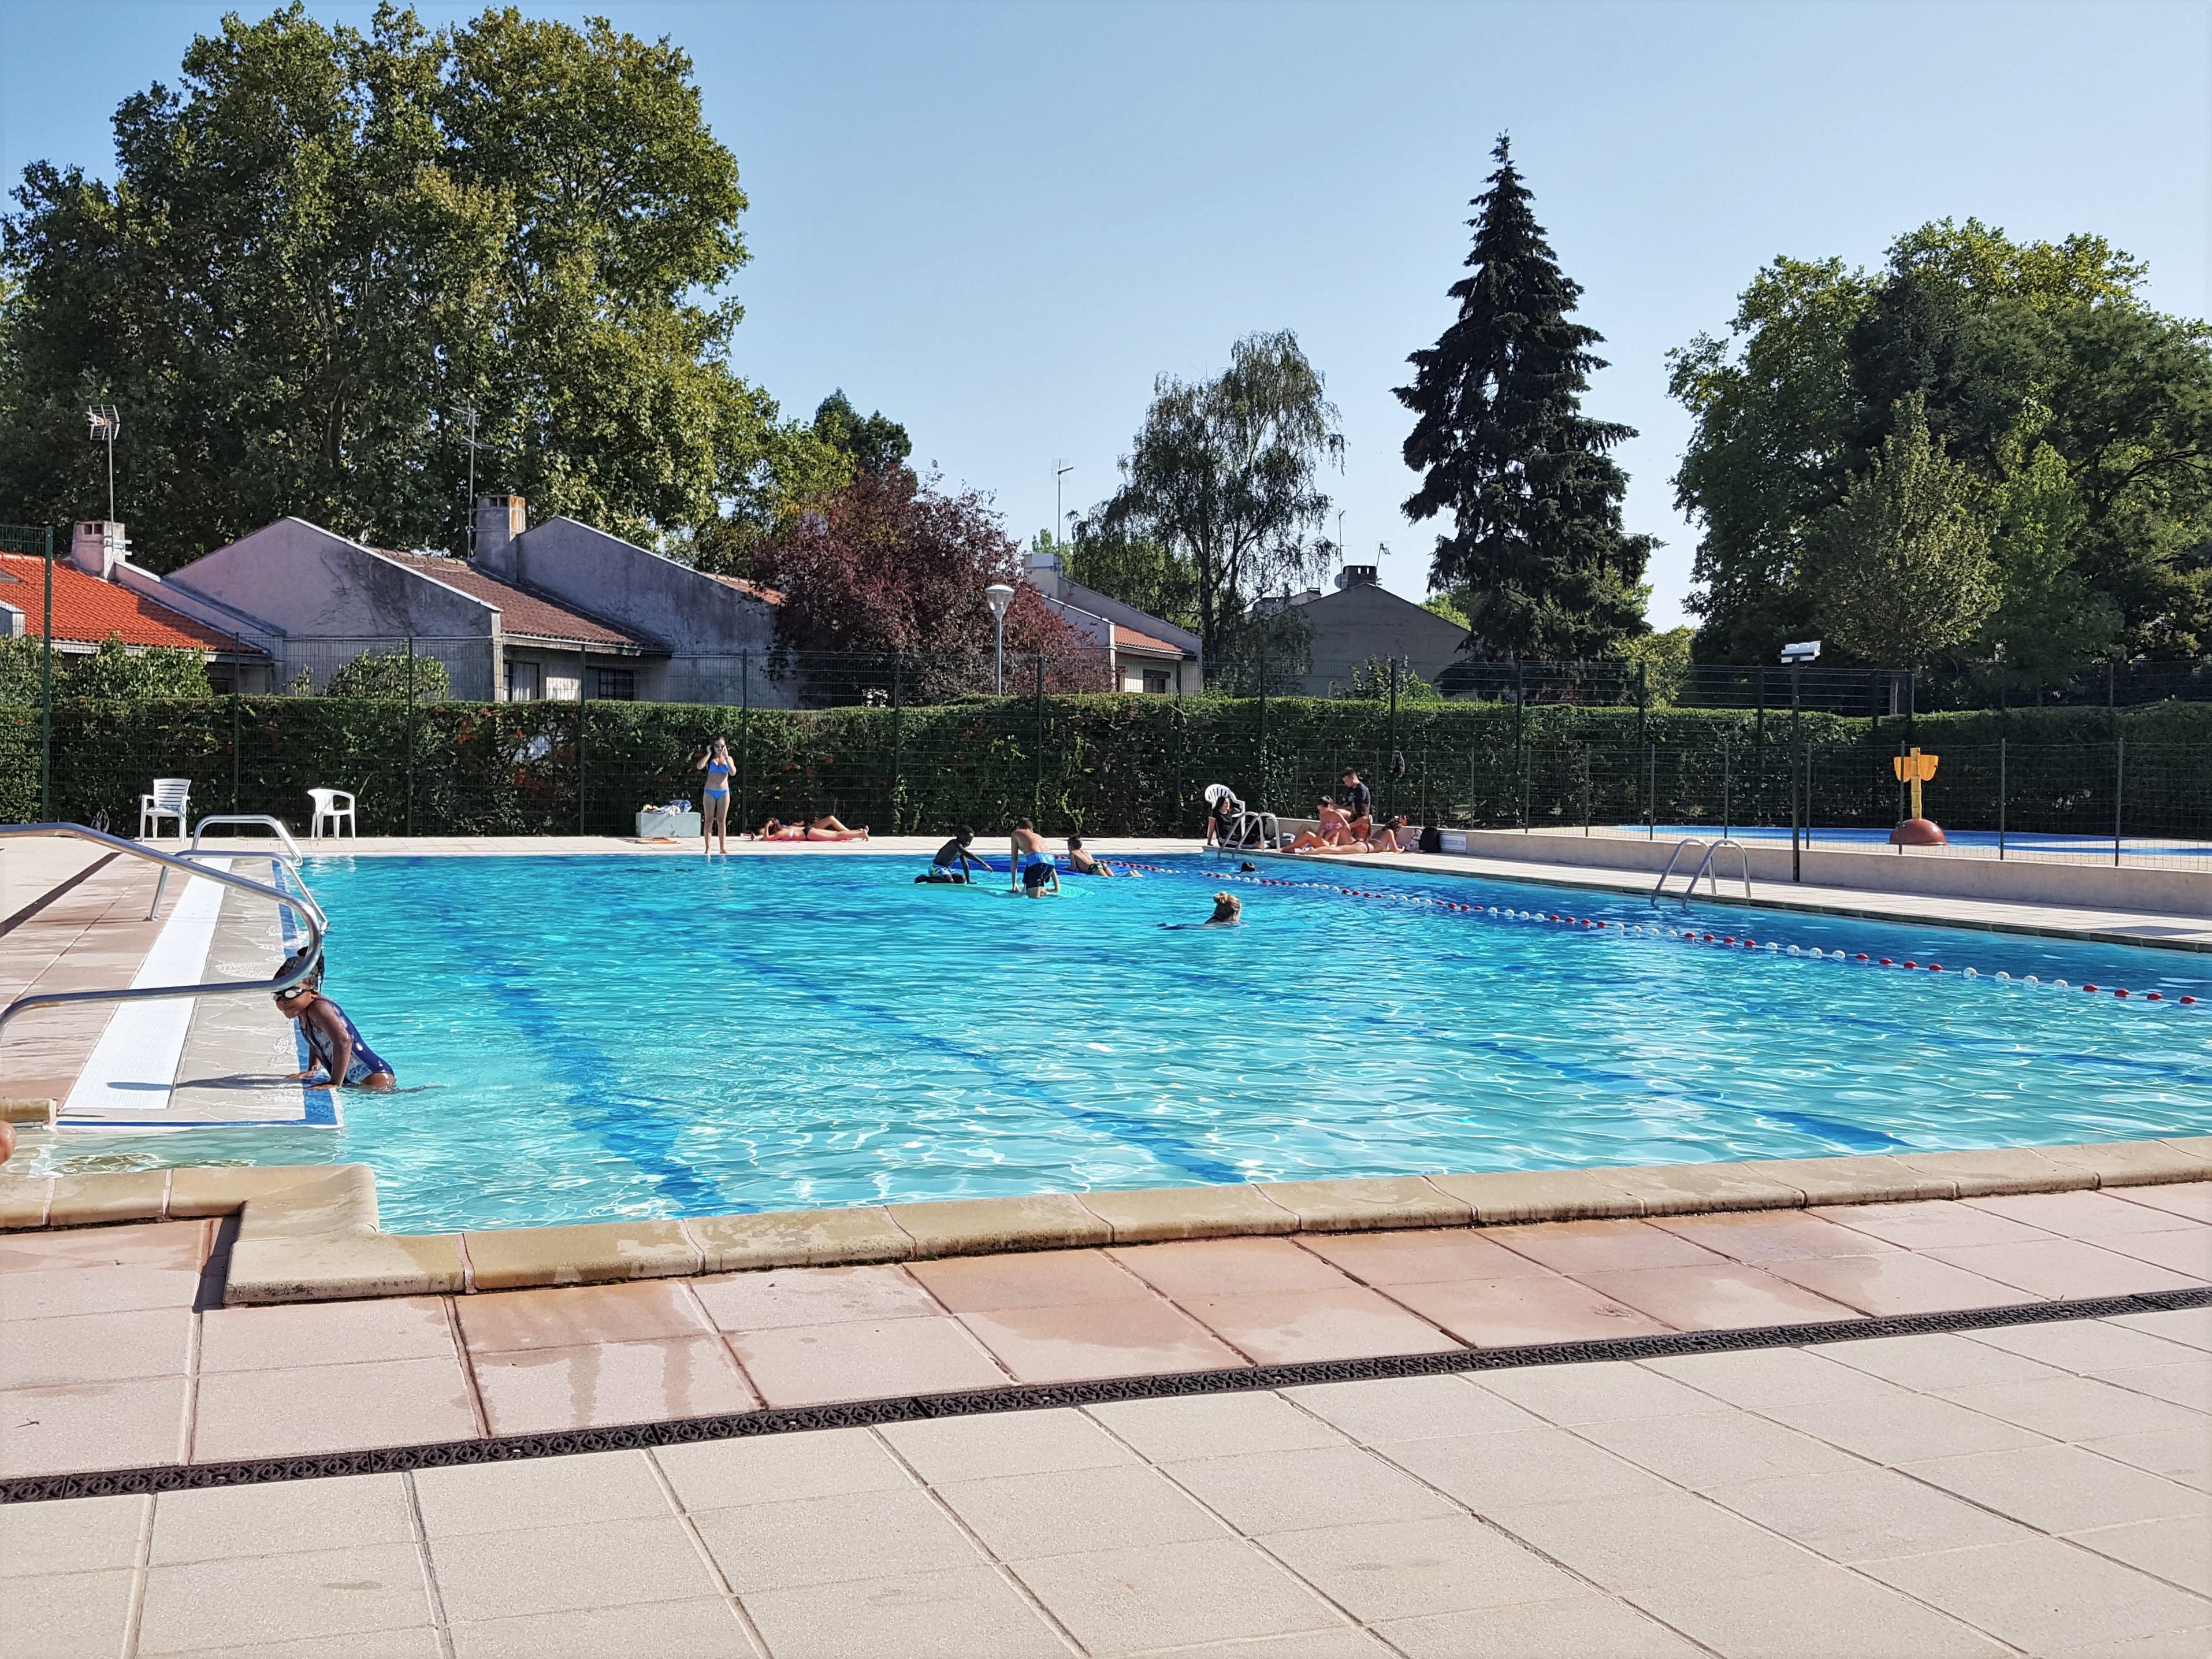 http://leshameauxdelaroche.fr/wp-content/uploads/2018/09/20180901_piscine-Hameaux-164047.jpg